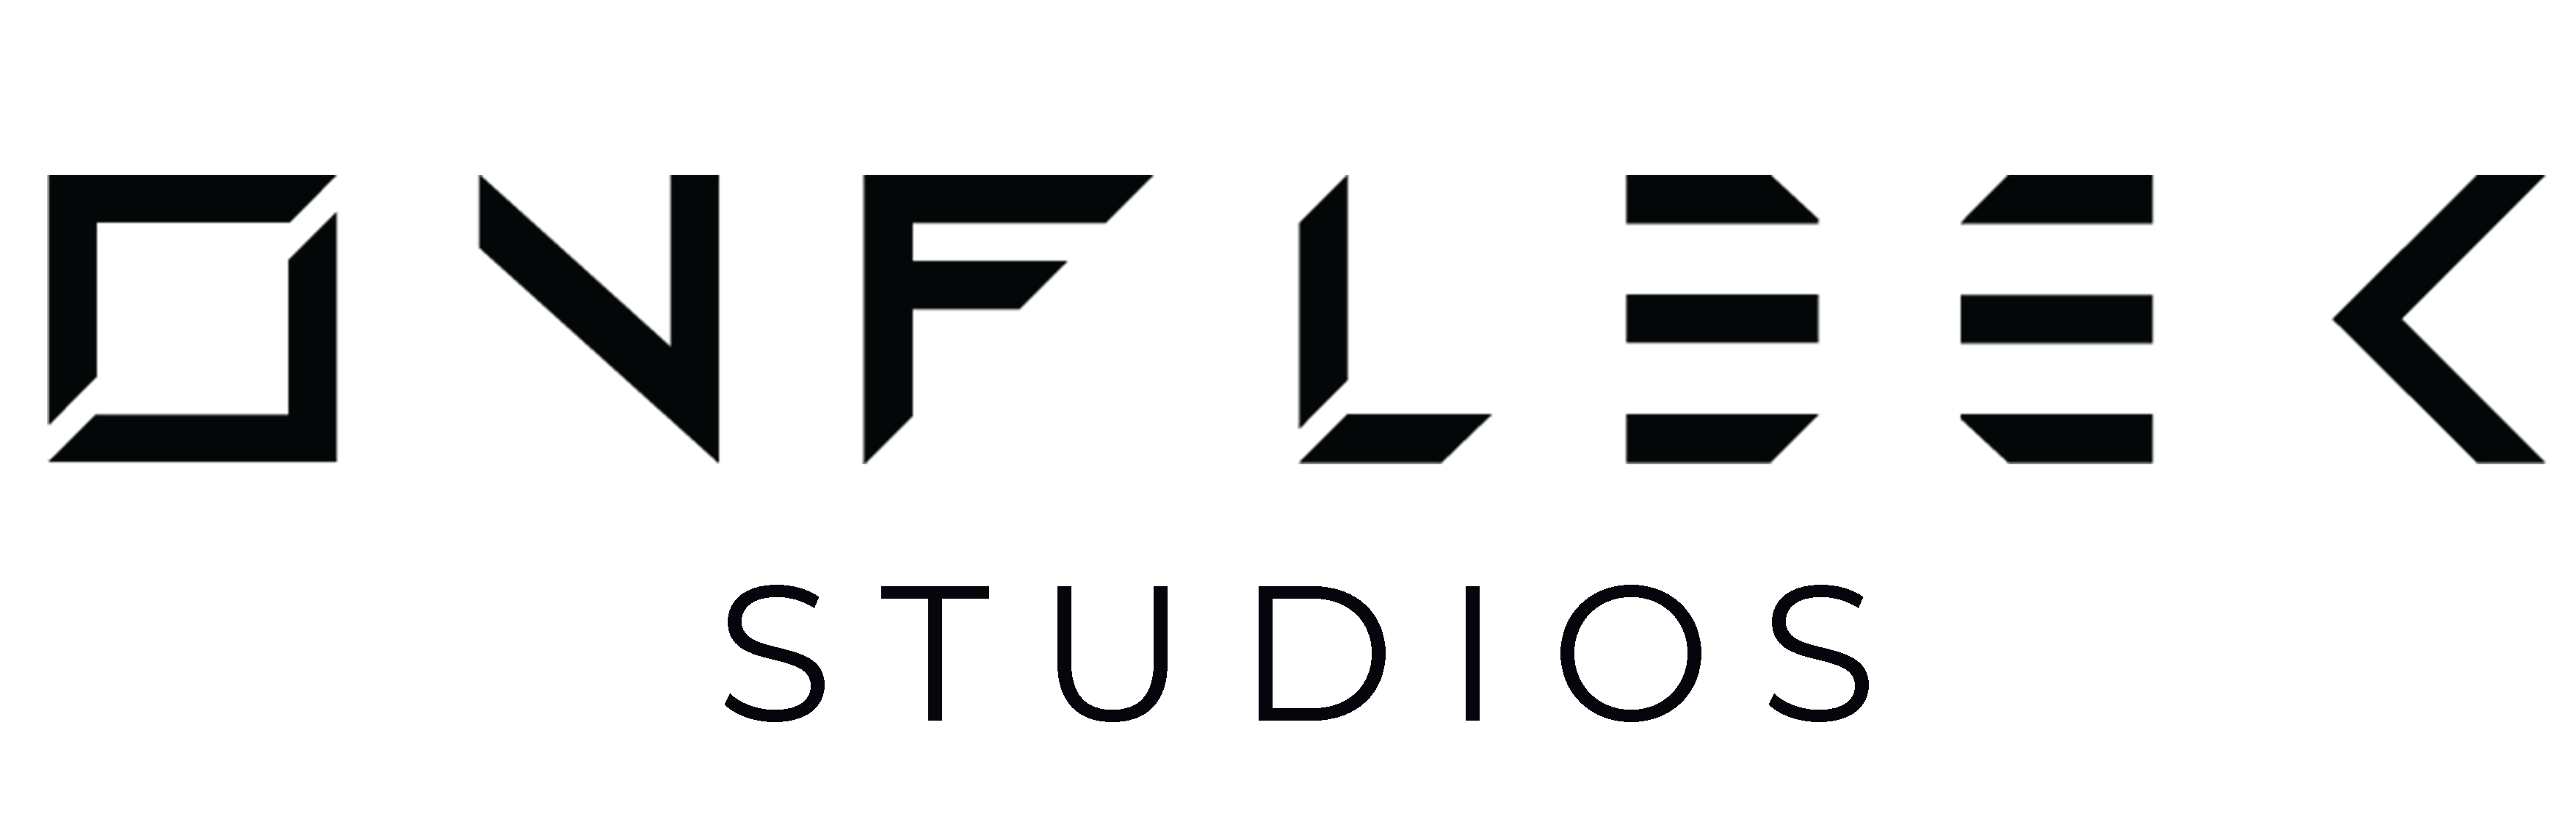 ONFLEEK STUDIOS